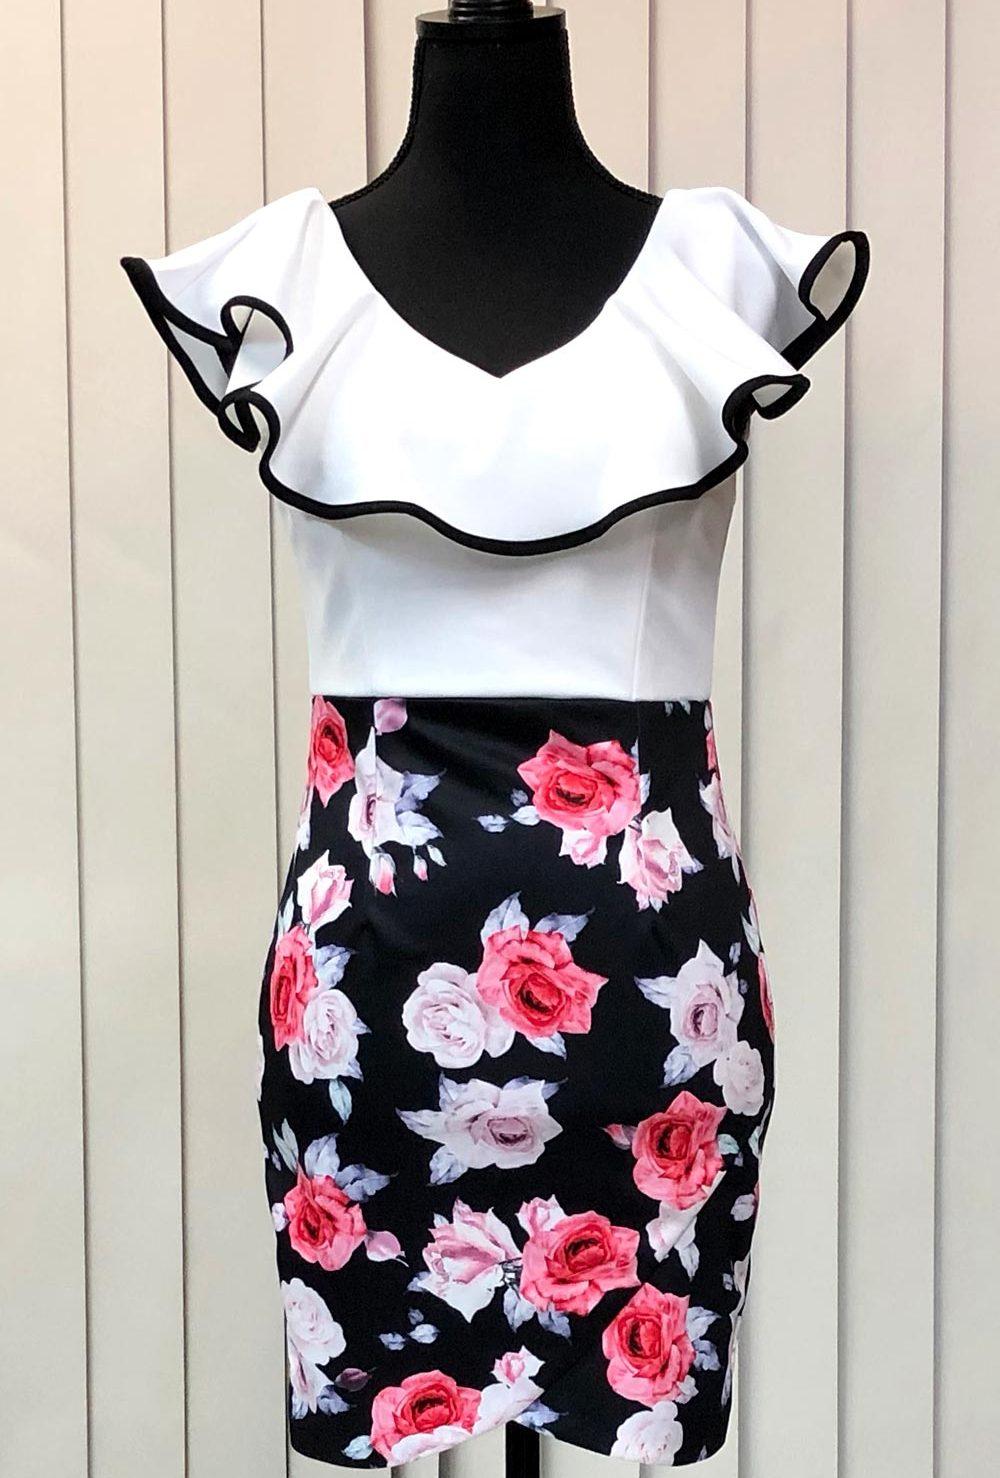 黒の地にバラの花のドレス